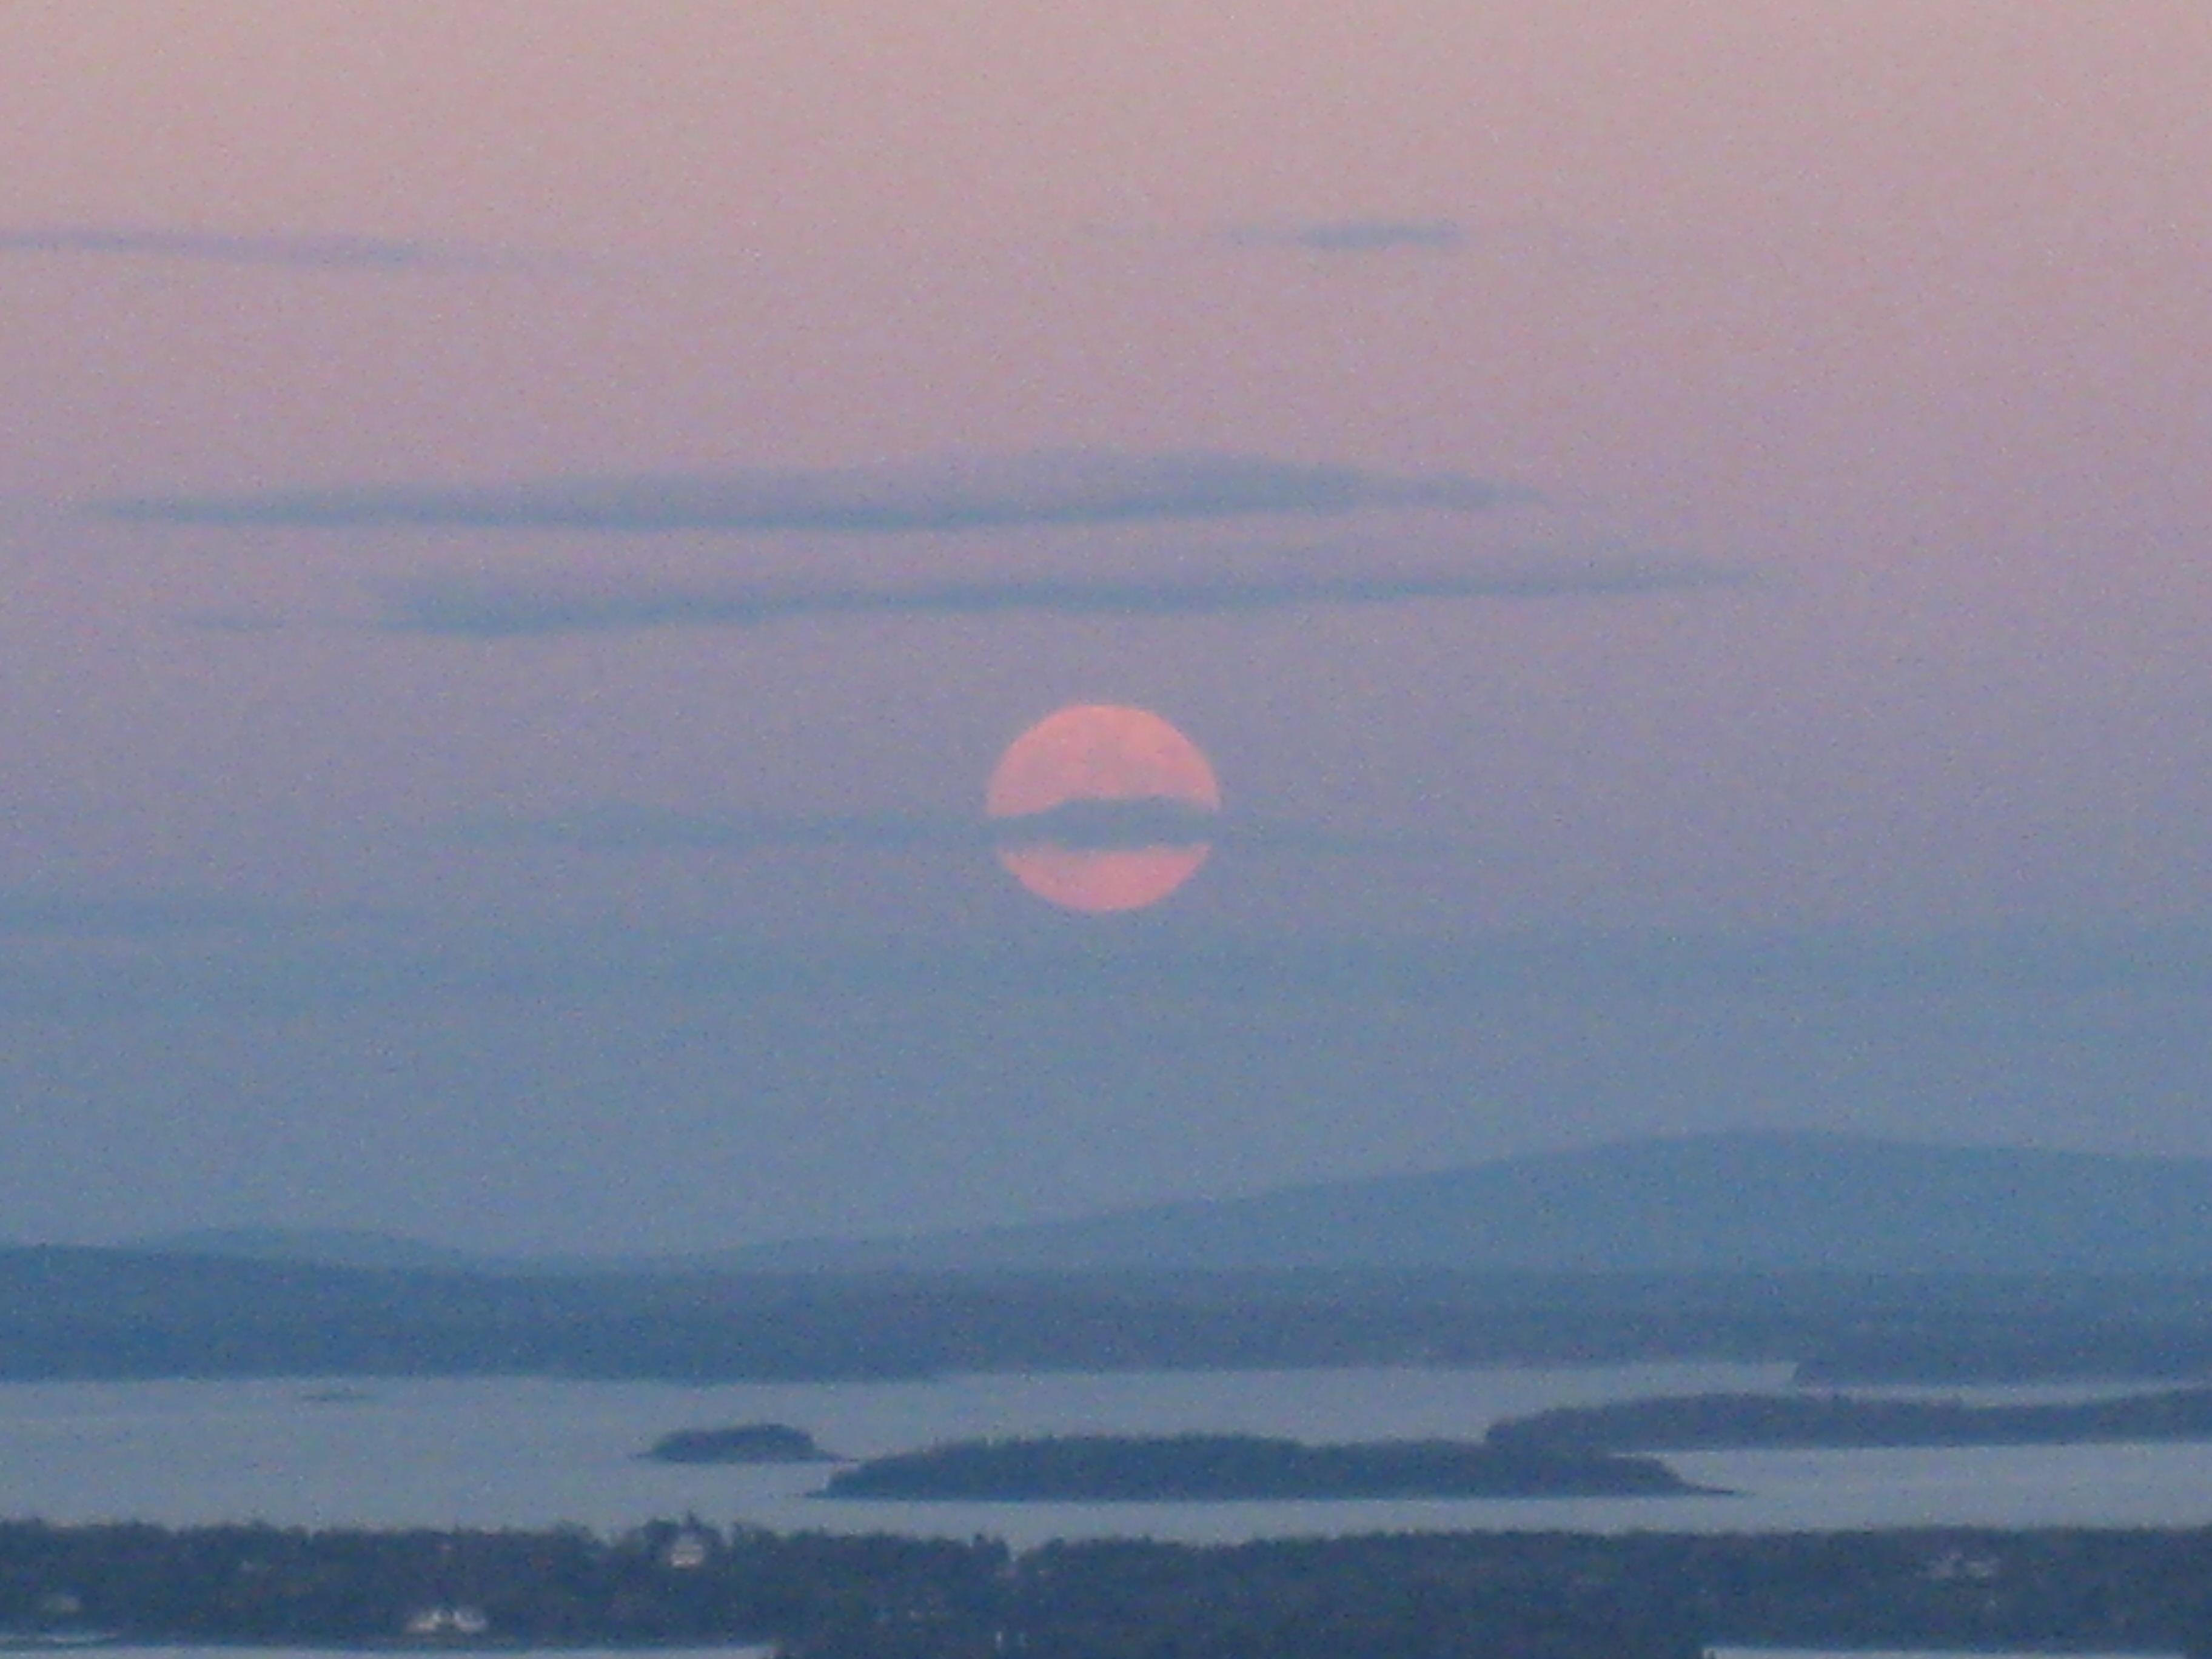 Rising pink moon